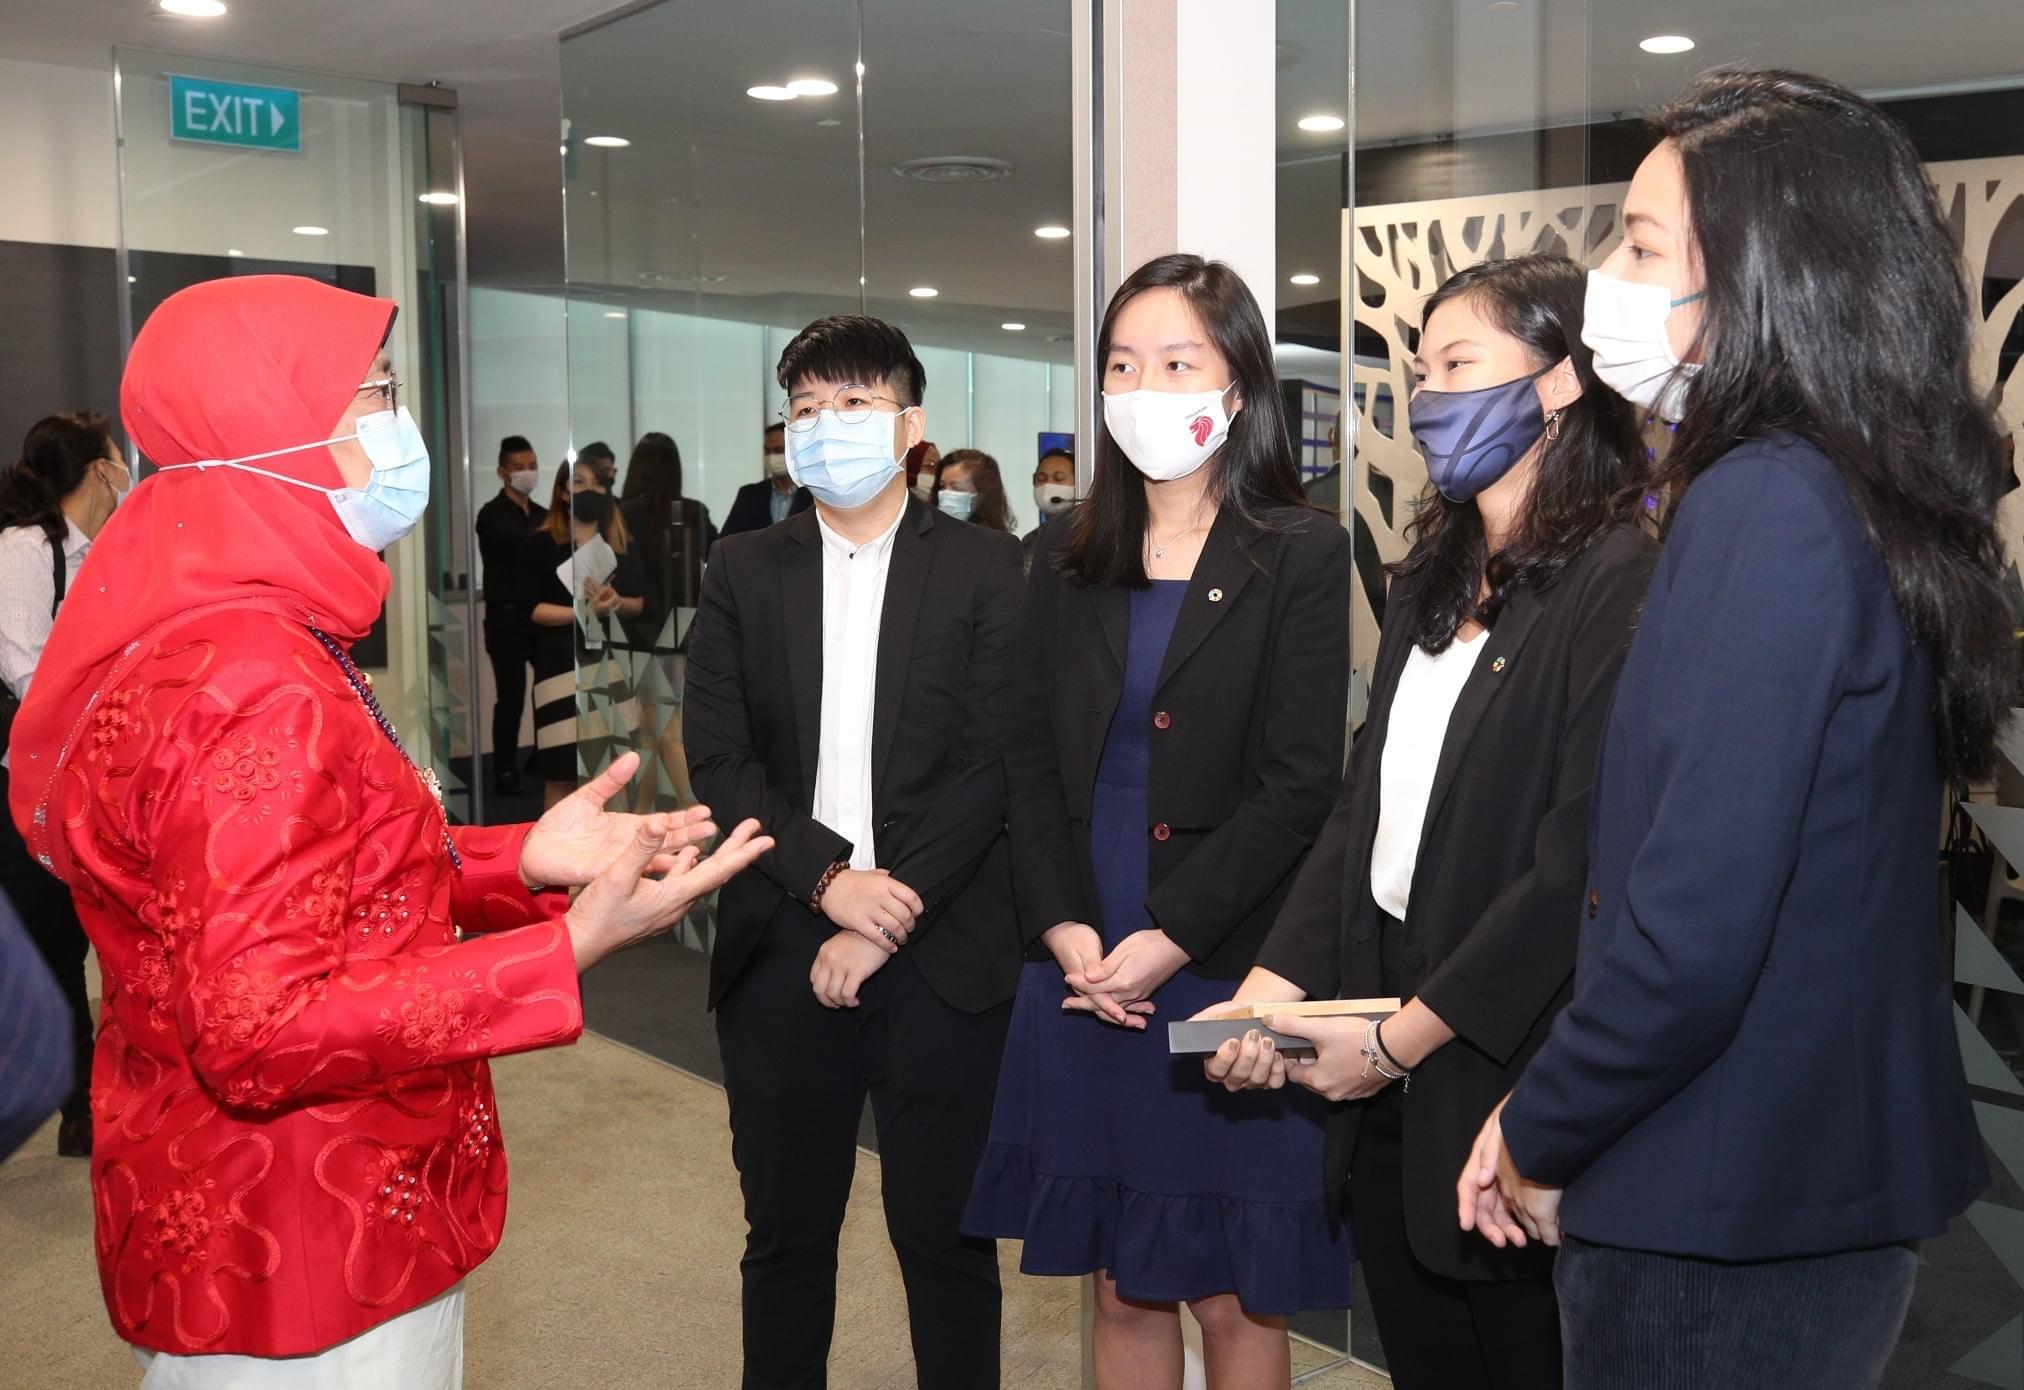 △新加坡总统哈莉玛(左一)在活动现场(图片来源:新加坡总统哈莉玛个人社交账号)